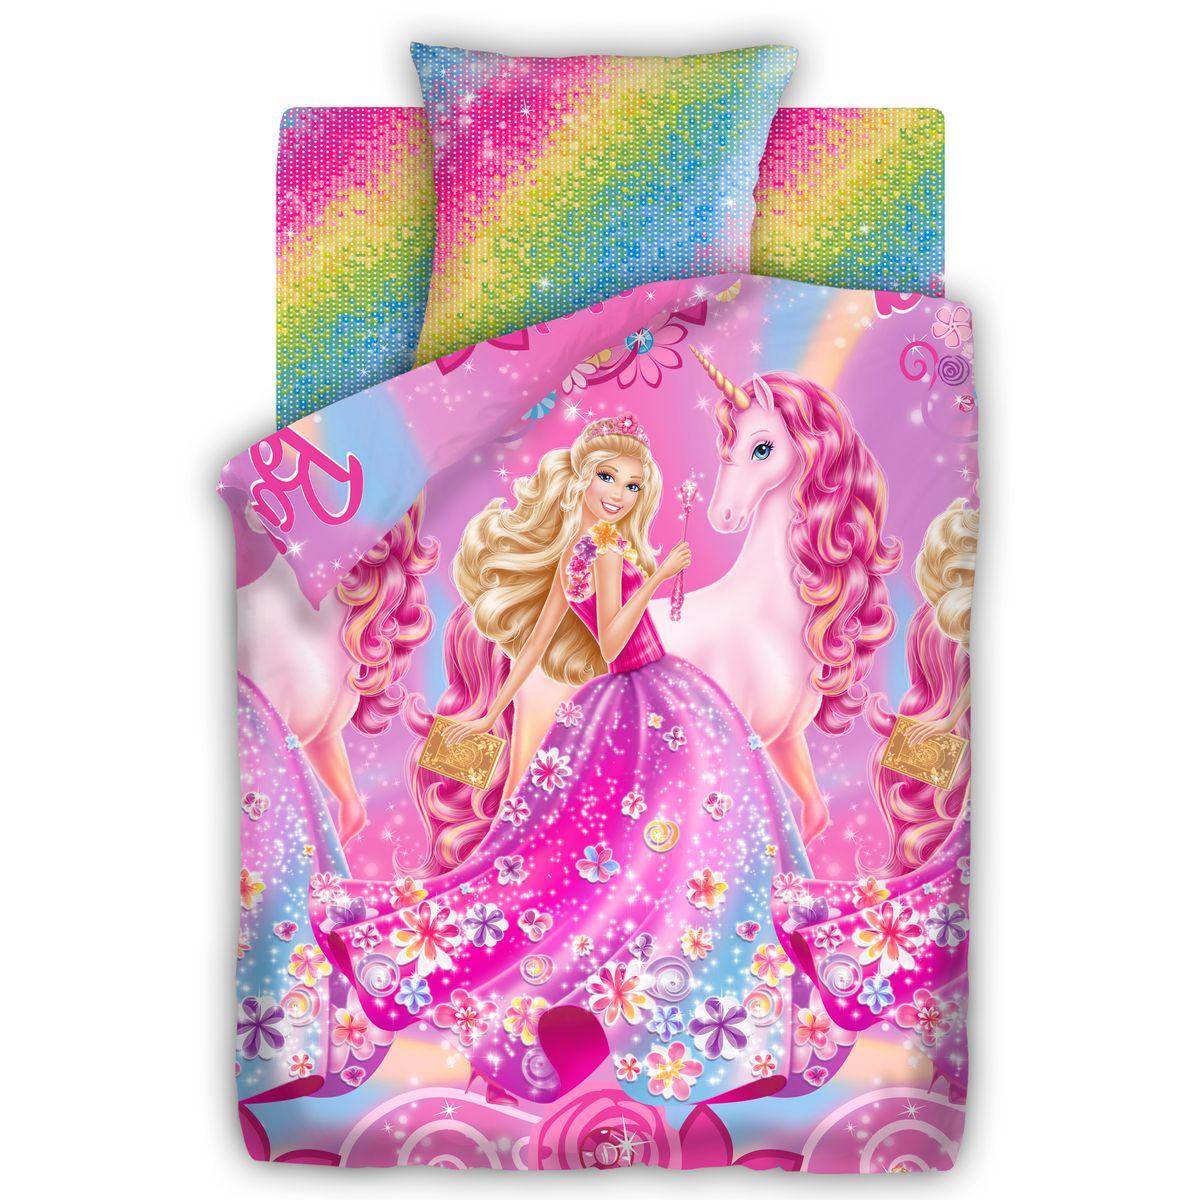 Barbie Комплект детского постельного белья Принцесса Алекса, 1,5 бязь, рис. 8715+8716312388Комплект детского постельного белья Barbie Принцесса Алекса: наволочка 70*70, пододеяльник 215*145, простыня 220*150.